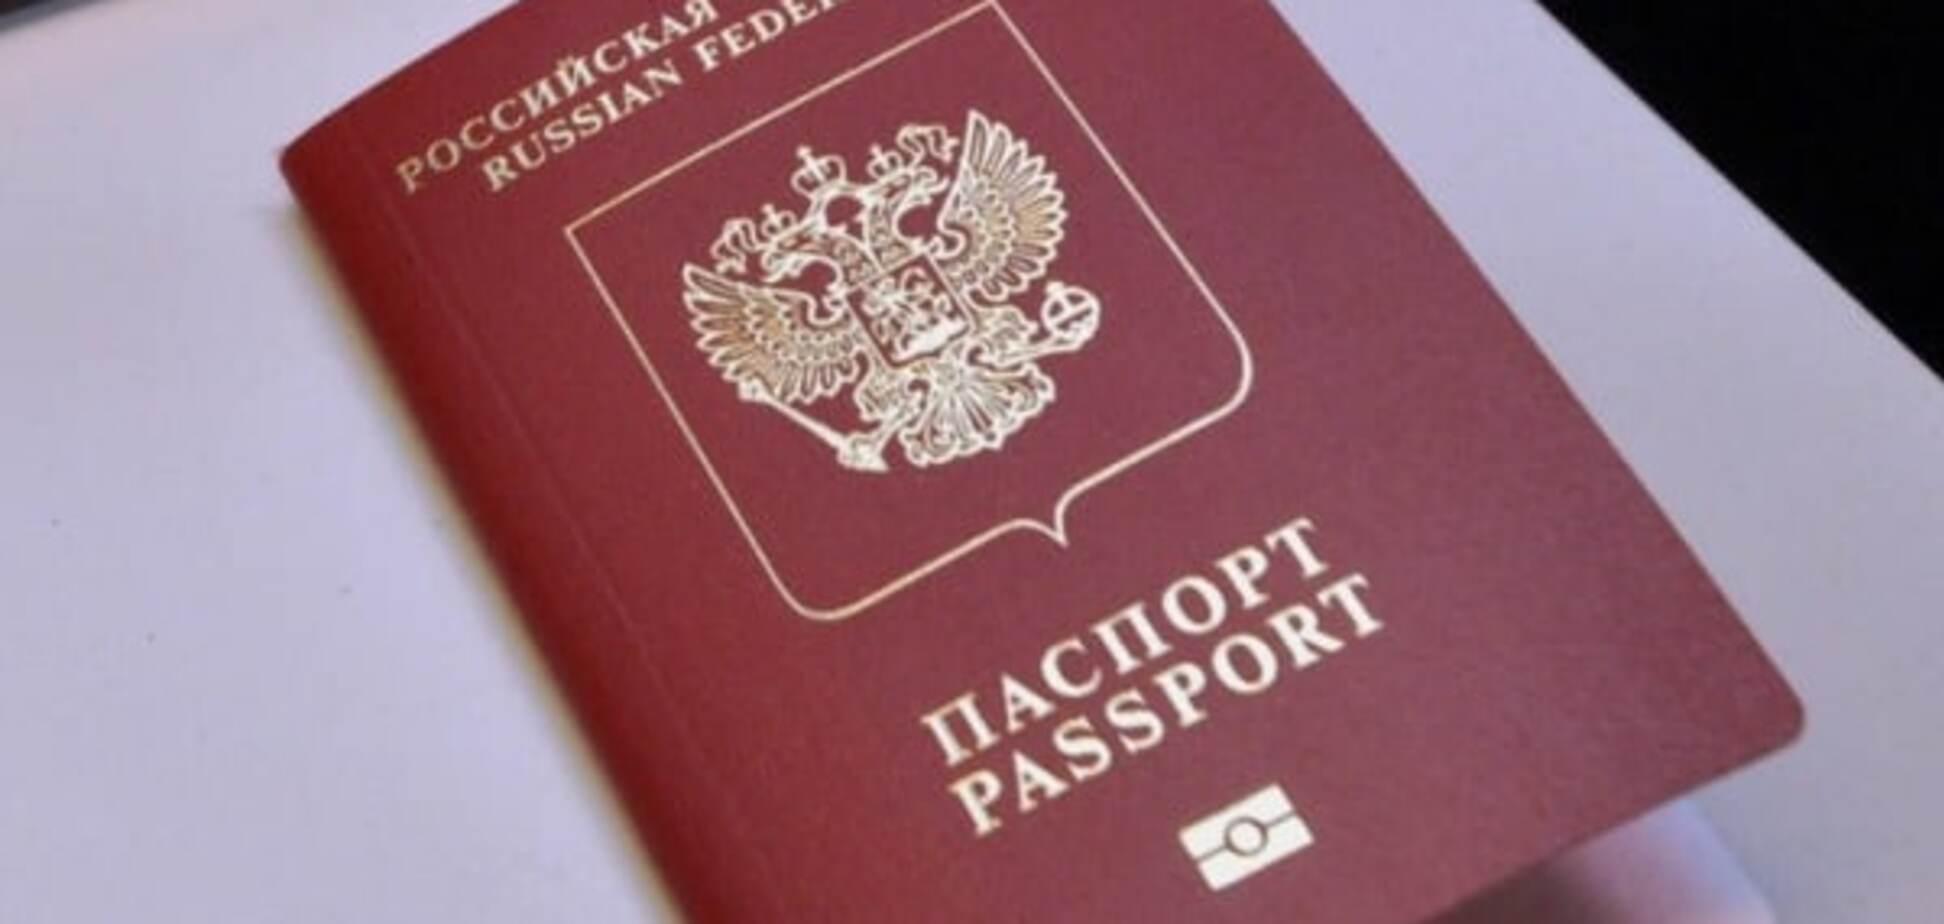 Саша Боровик: 29 депутатів Одеської міськради мають російське громадянство